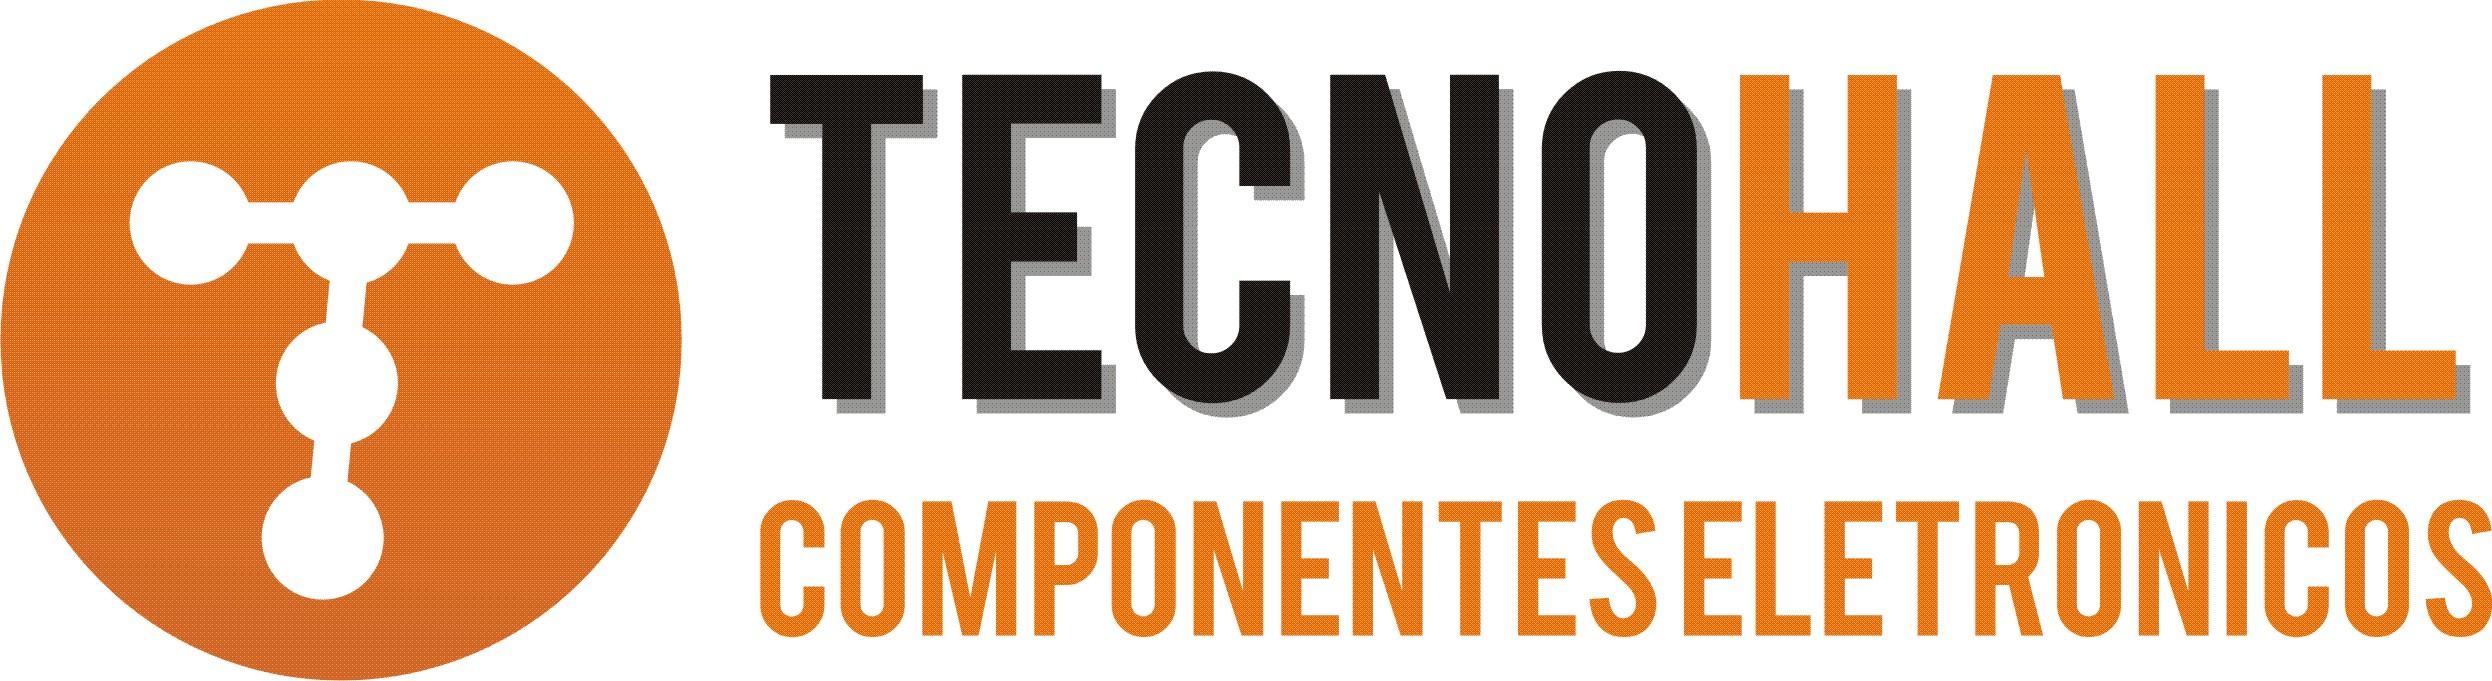 Tecnohall Componentes Eletrônicos